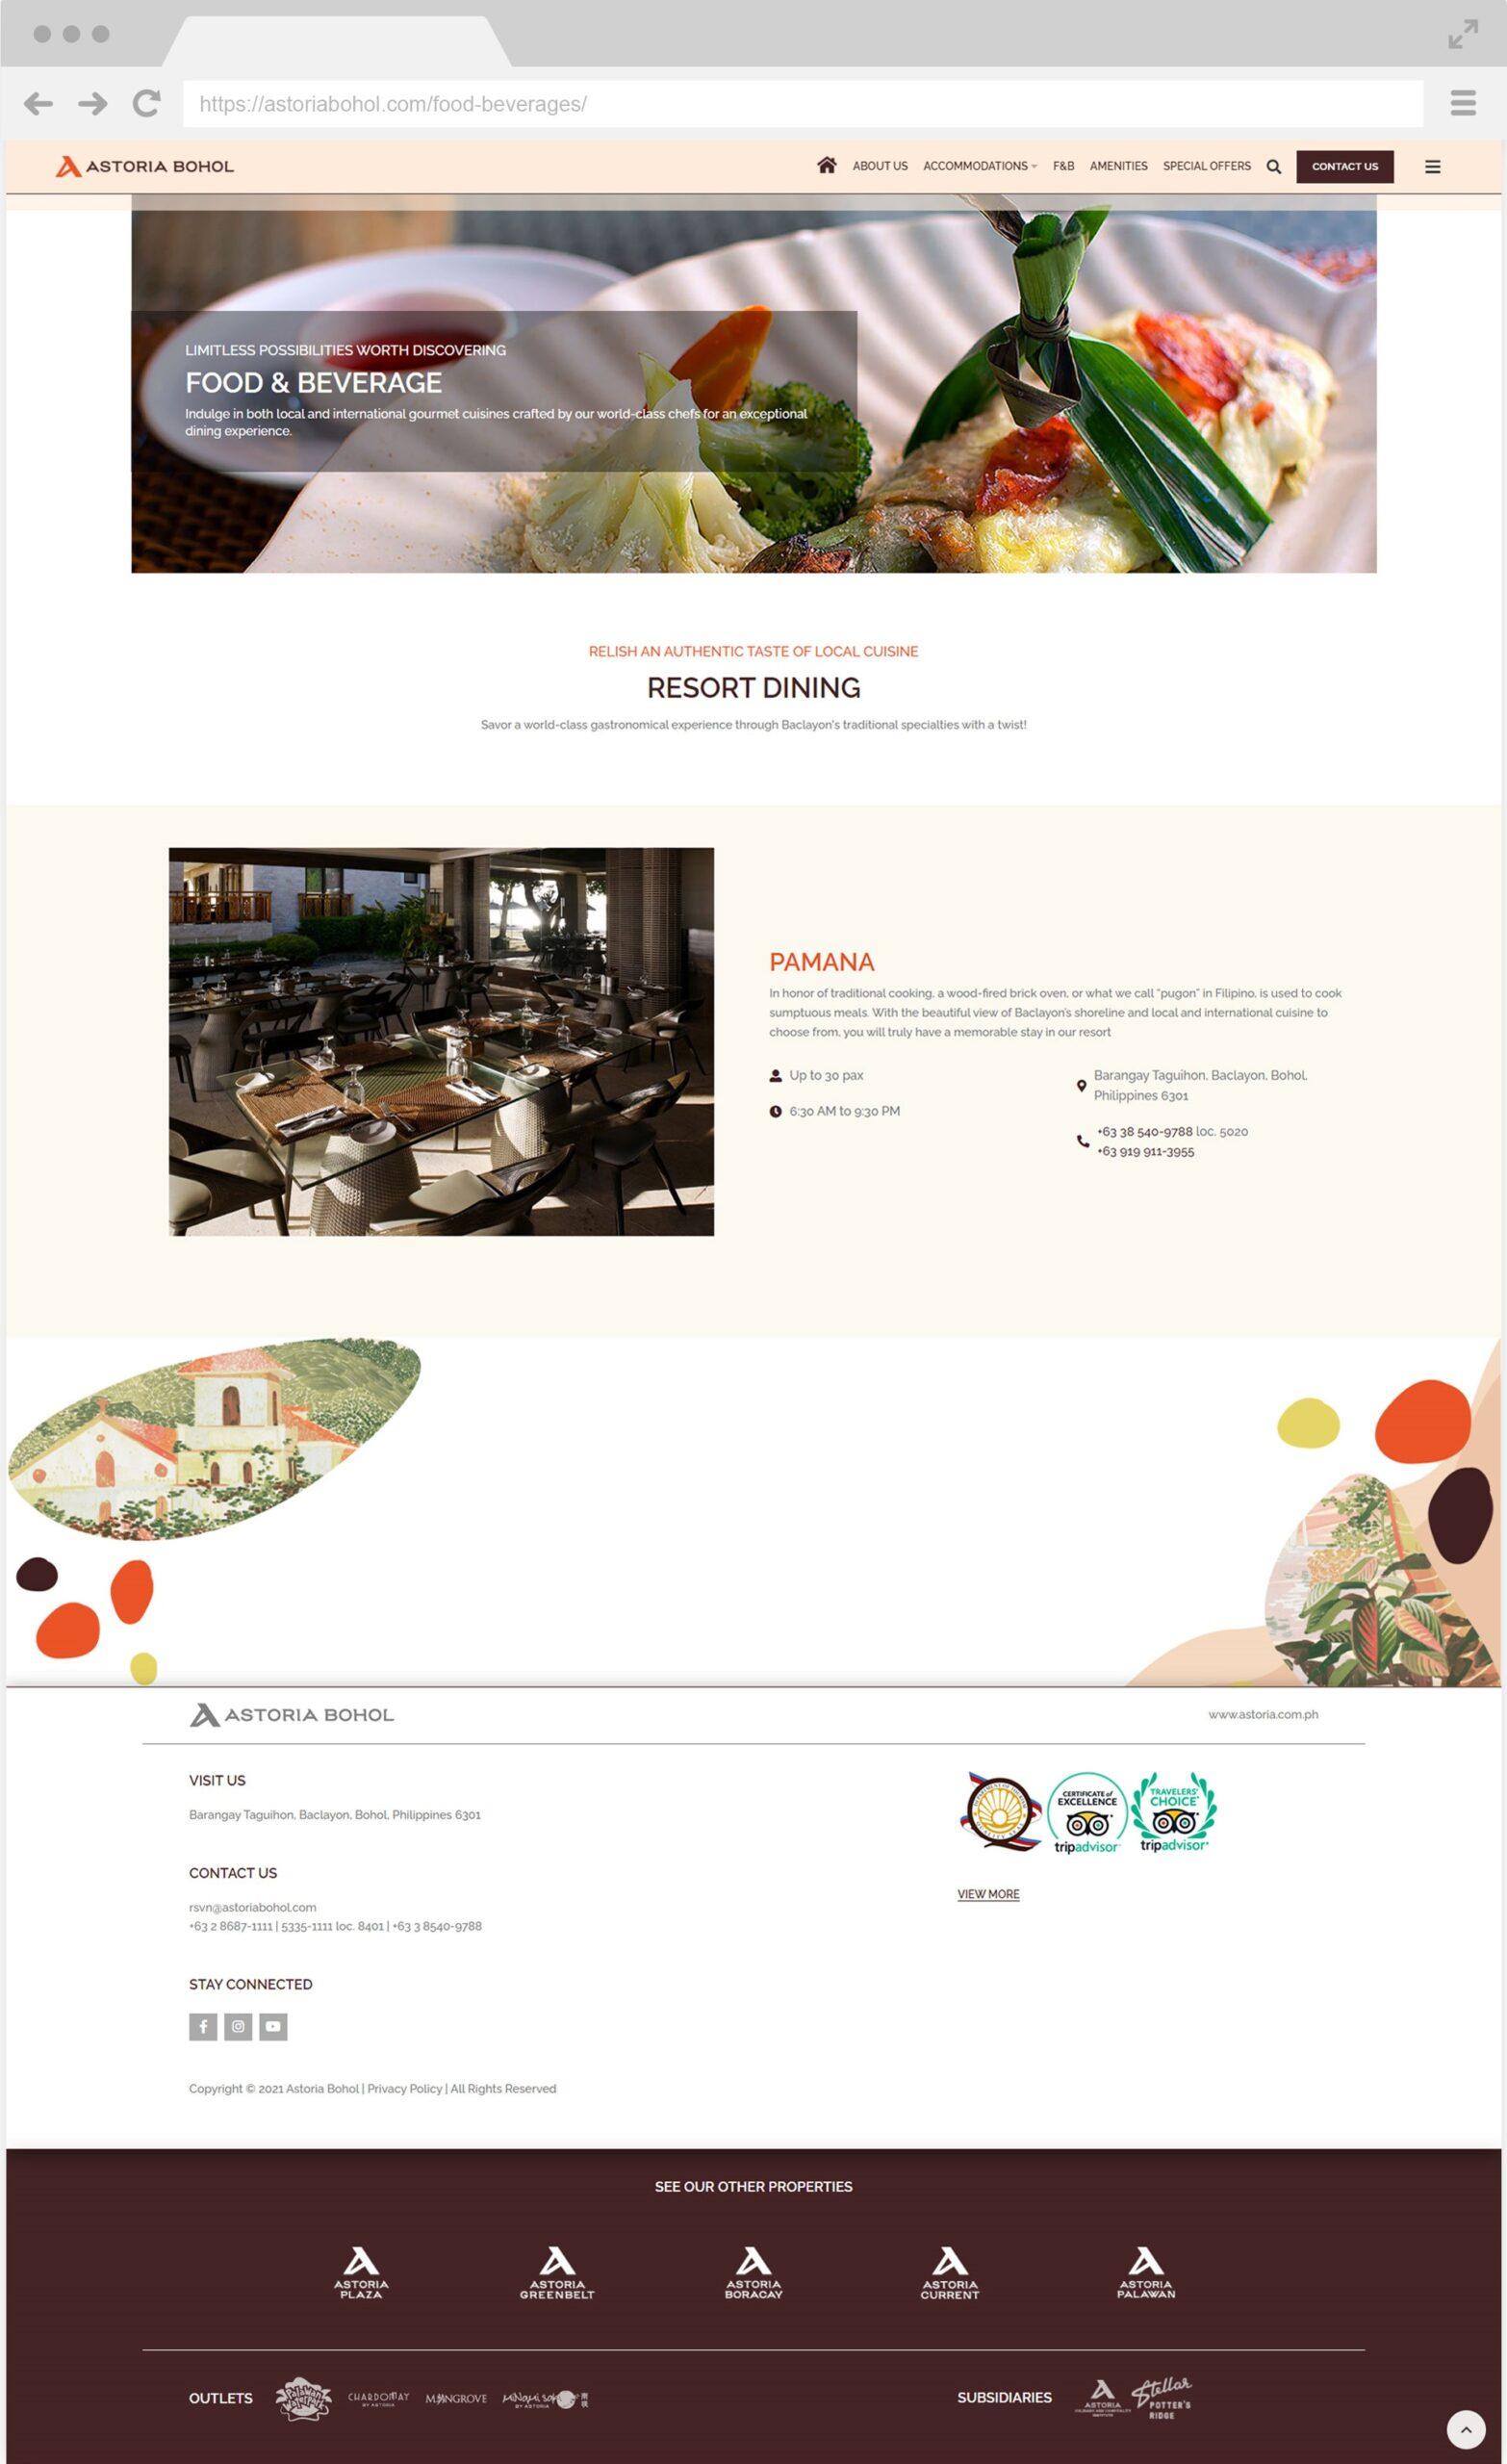 Astoria Bohol Food and Beverages